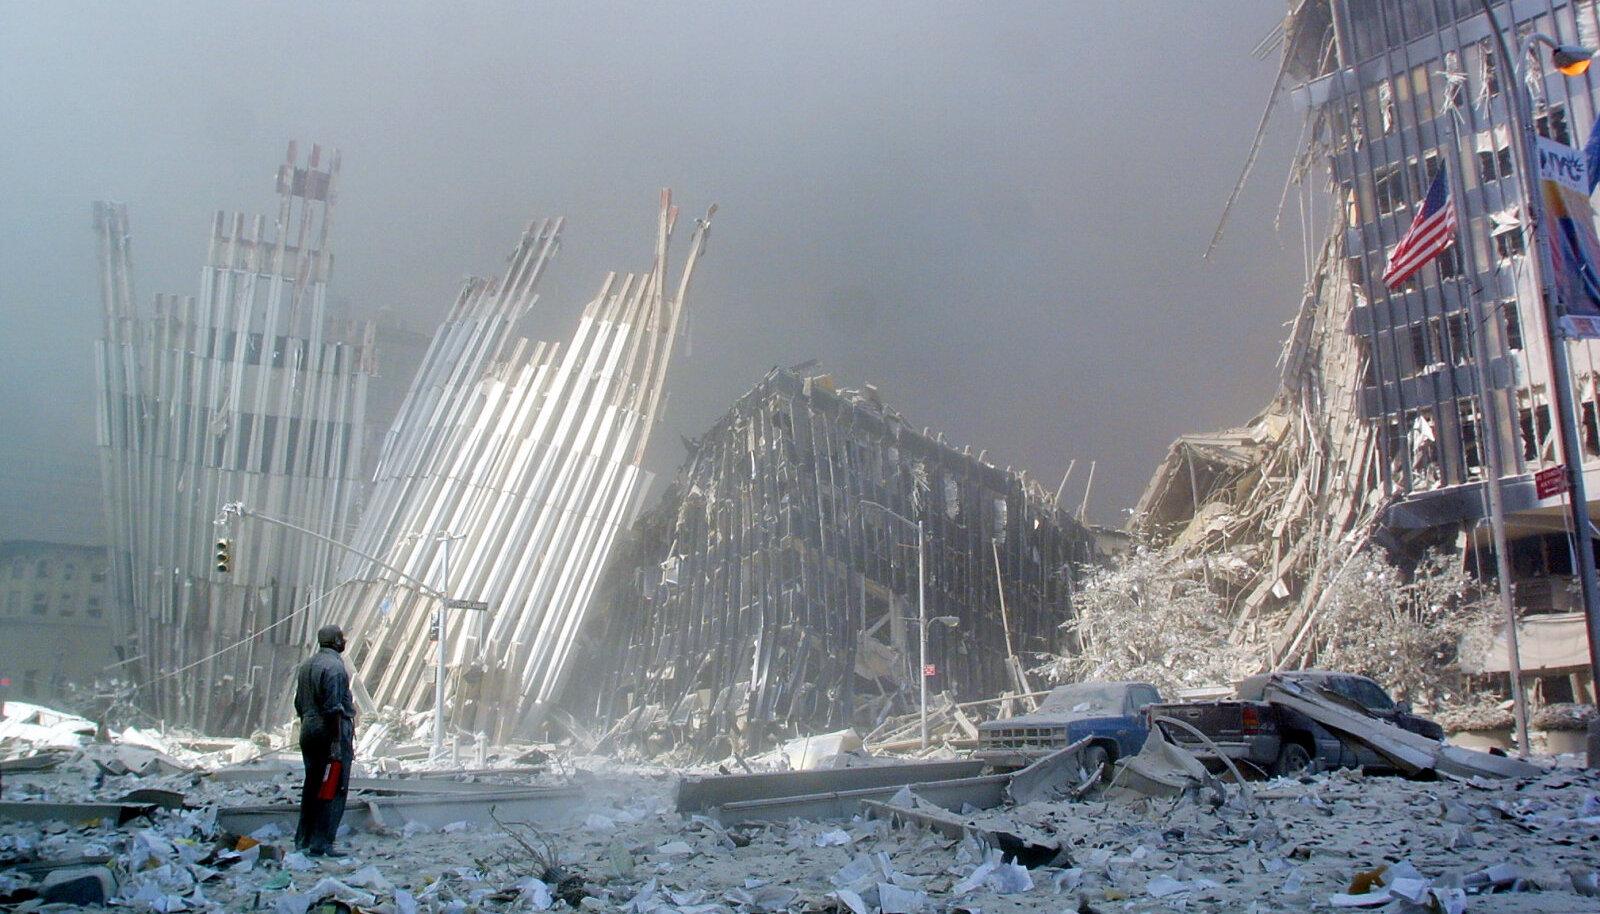 INIMESED VAREMETE ALL: Maailma Kaubanduskeskuse kokkuvarisenud kaksiktornide kõrval seisev mees hüüab, kas kas keegi vajab abi. Sajad 9/11 rünnakus hukkunud inimesed on kuni tänase päevani tuvastamata.